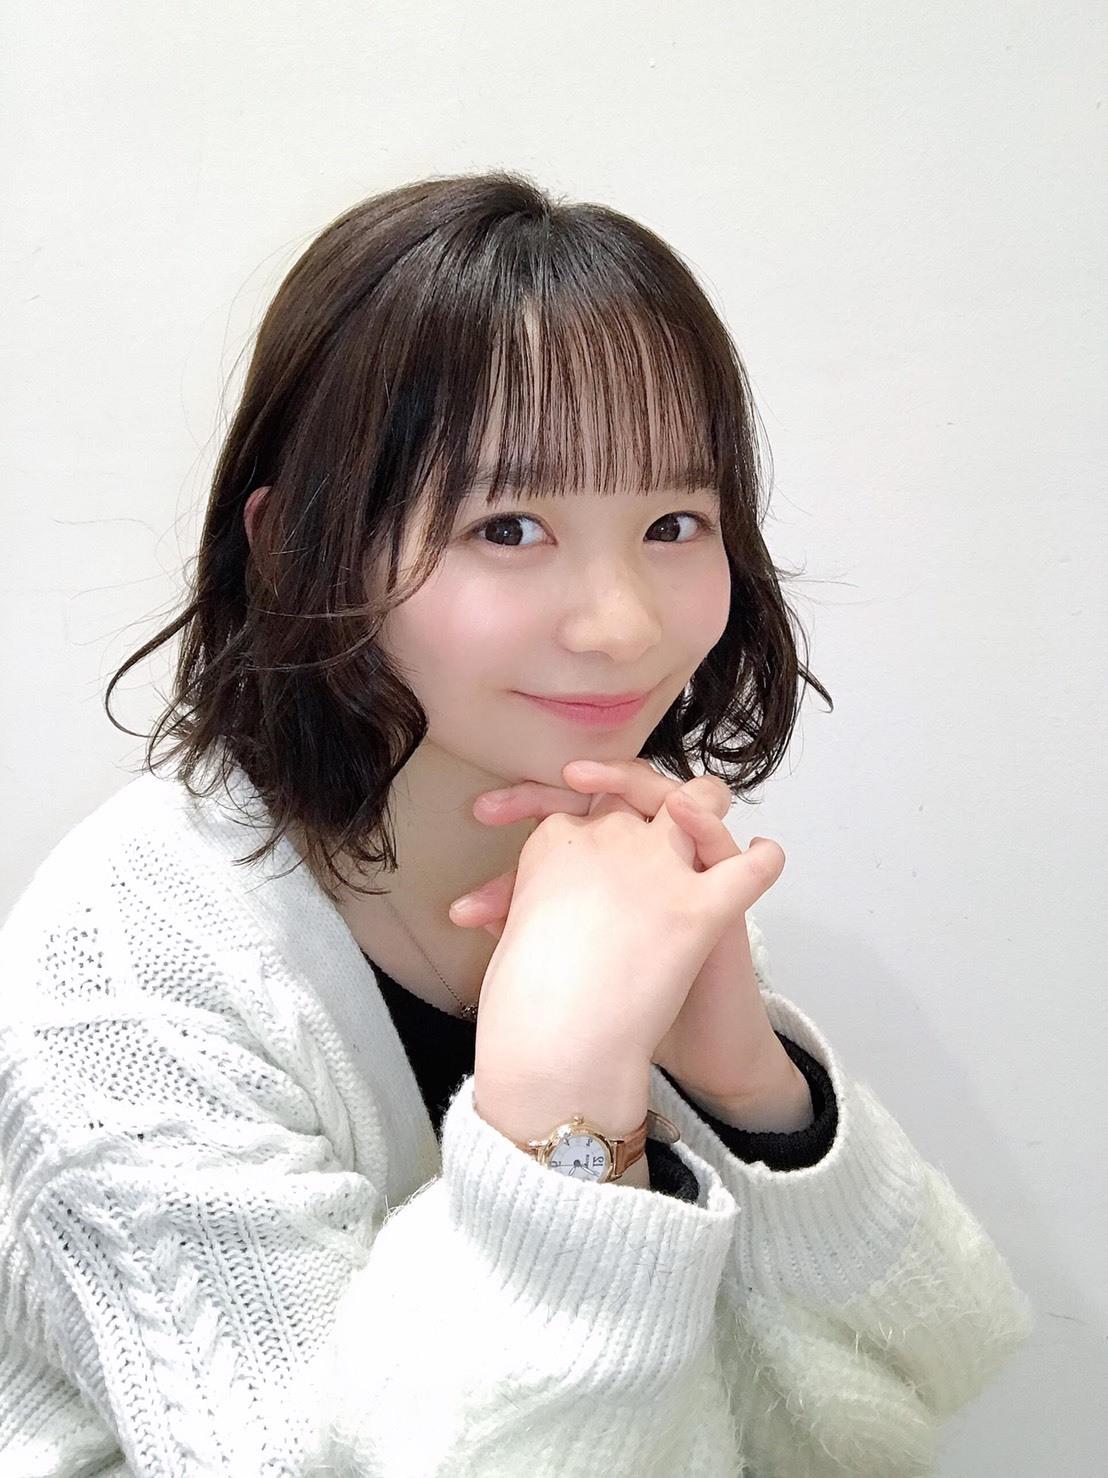 元てれび戦士、ラストアイドルの延命杏咲実、クリエイター・エージェンシーWaVEに所属